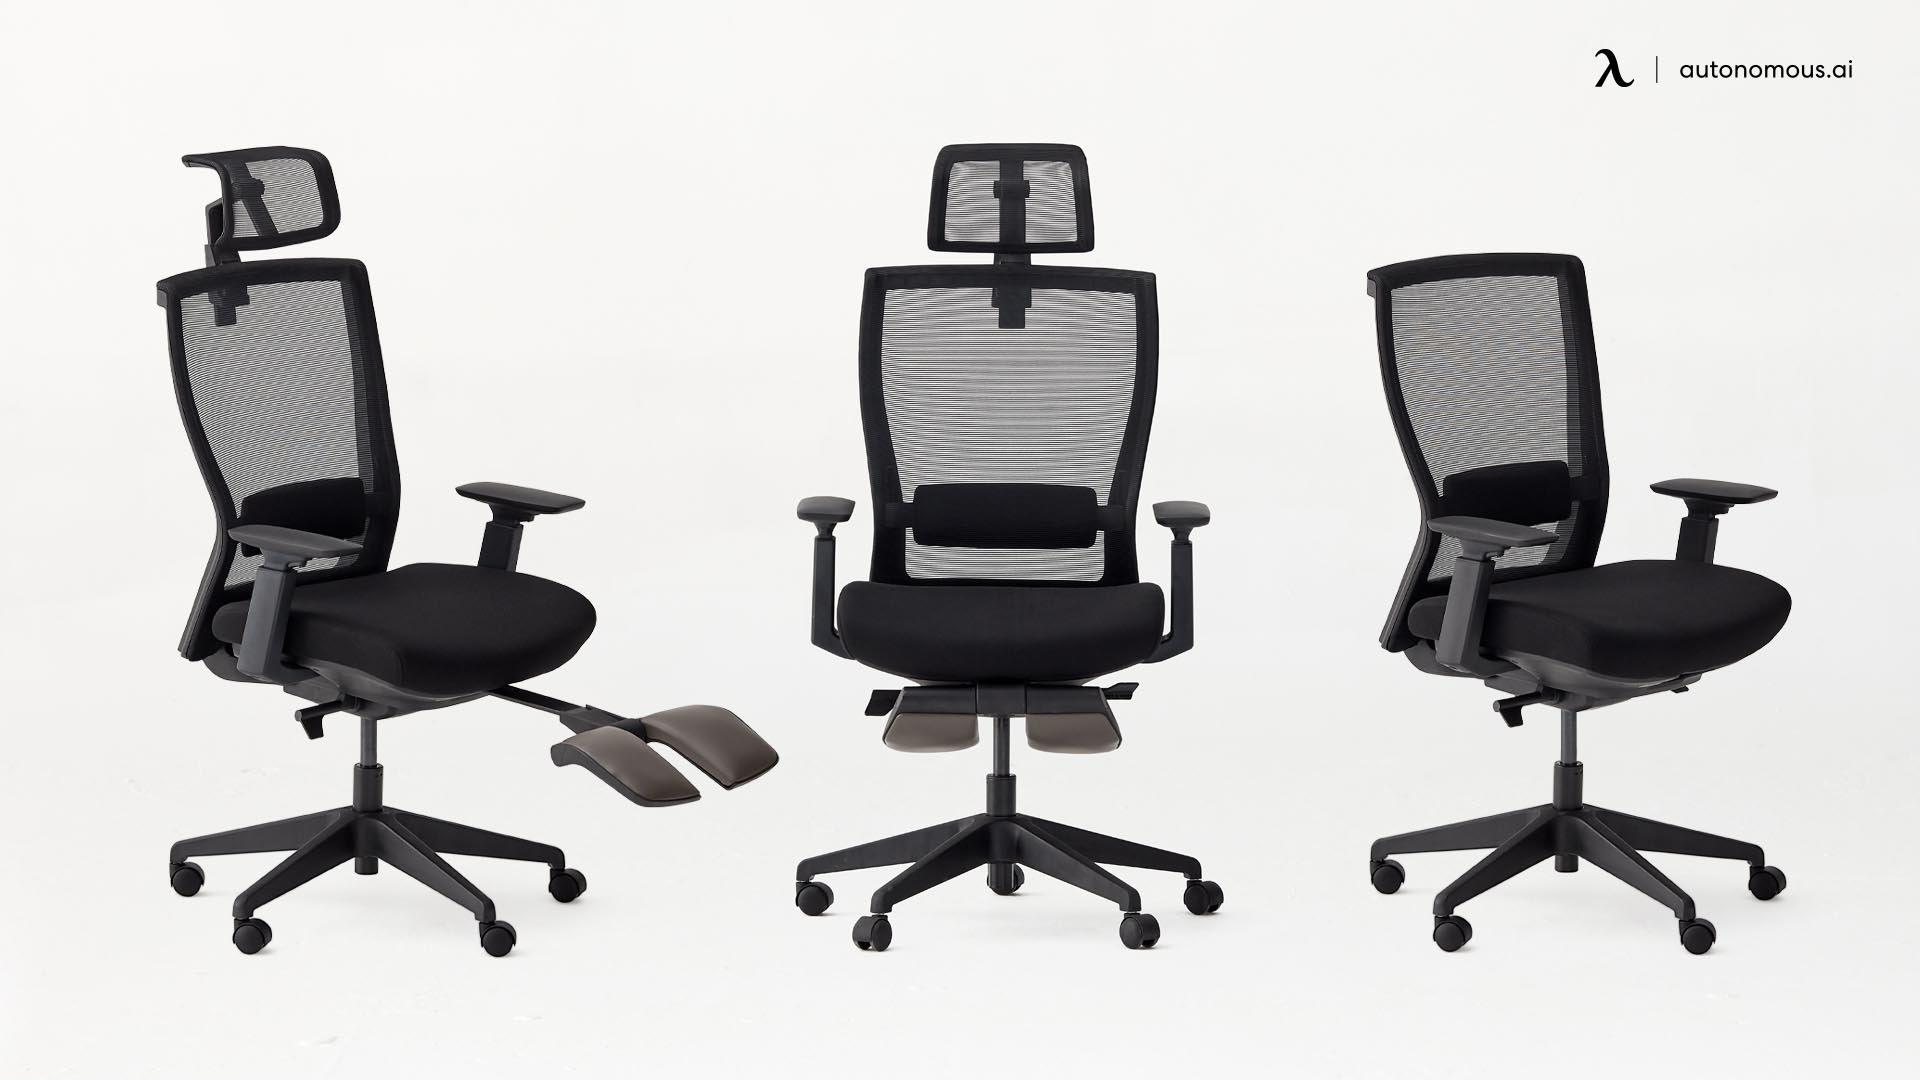 Autonomous MyoChair Ergonomic Chair for Back Support